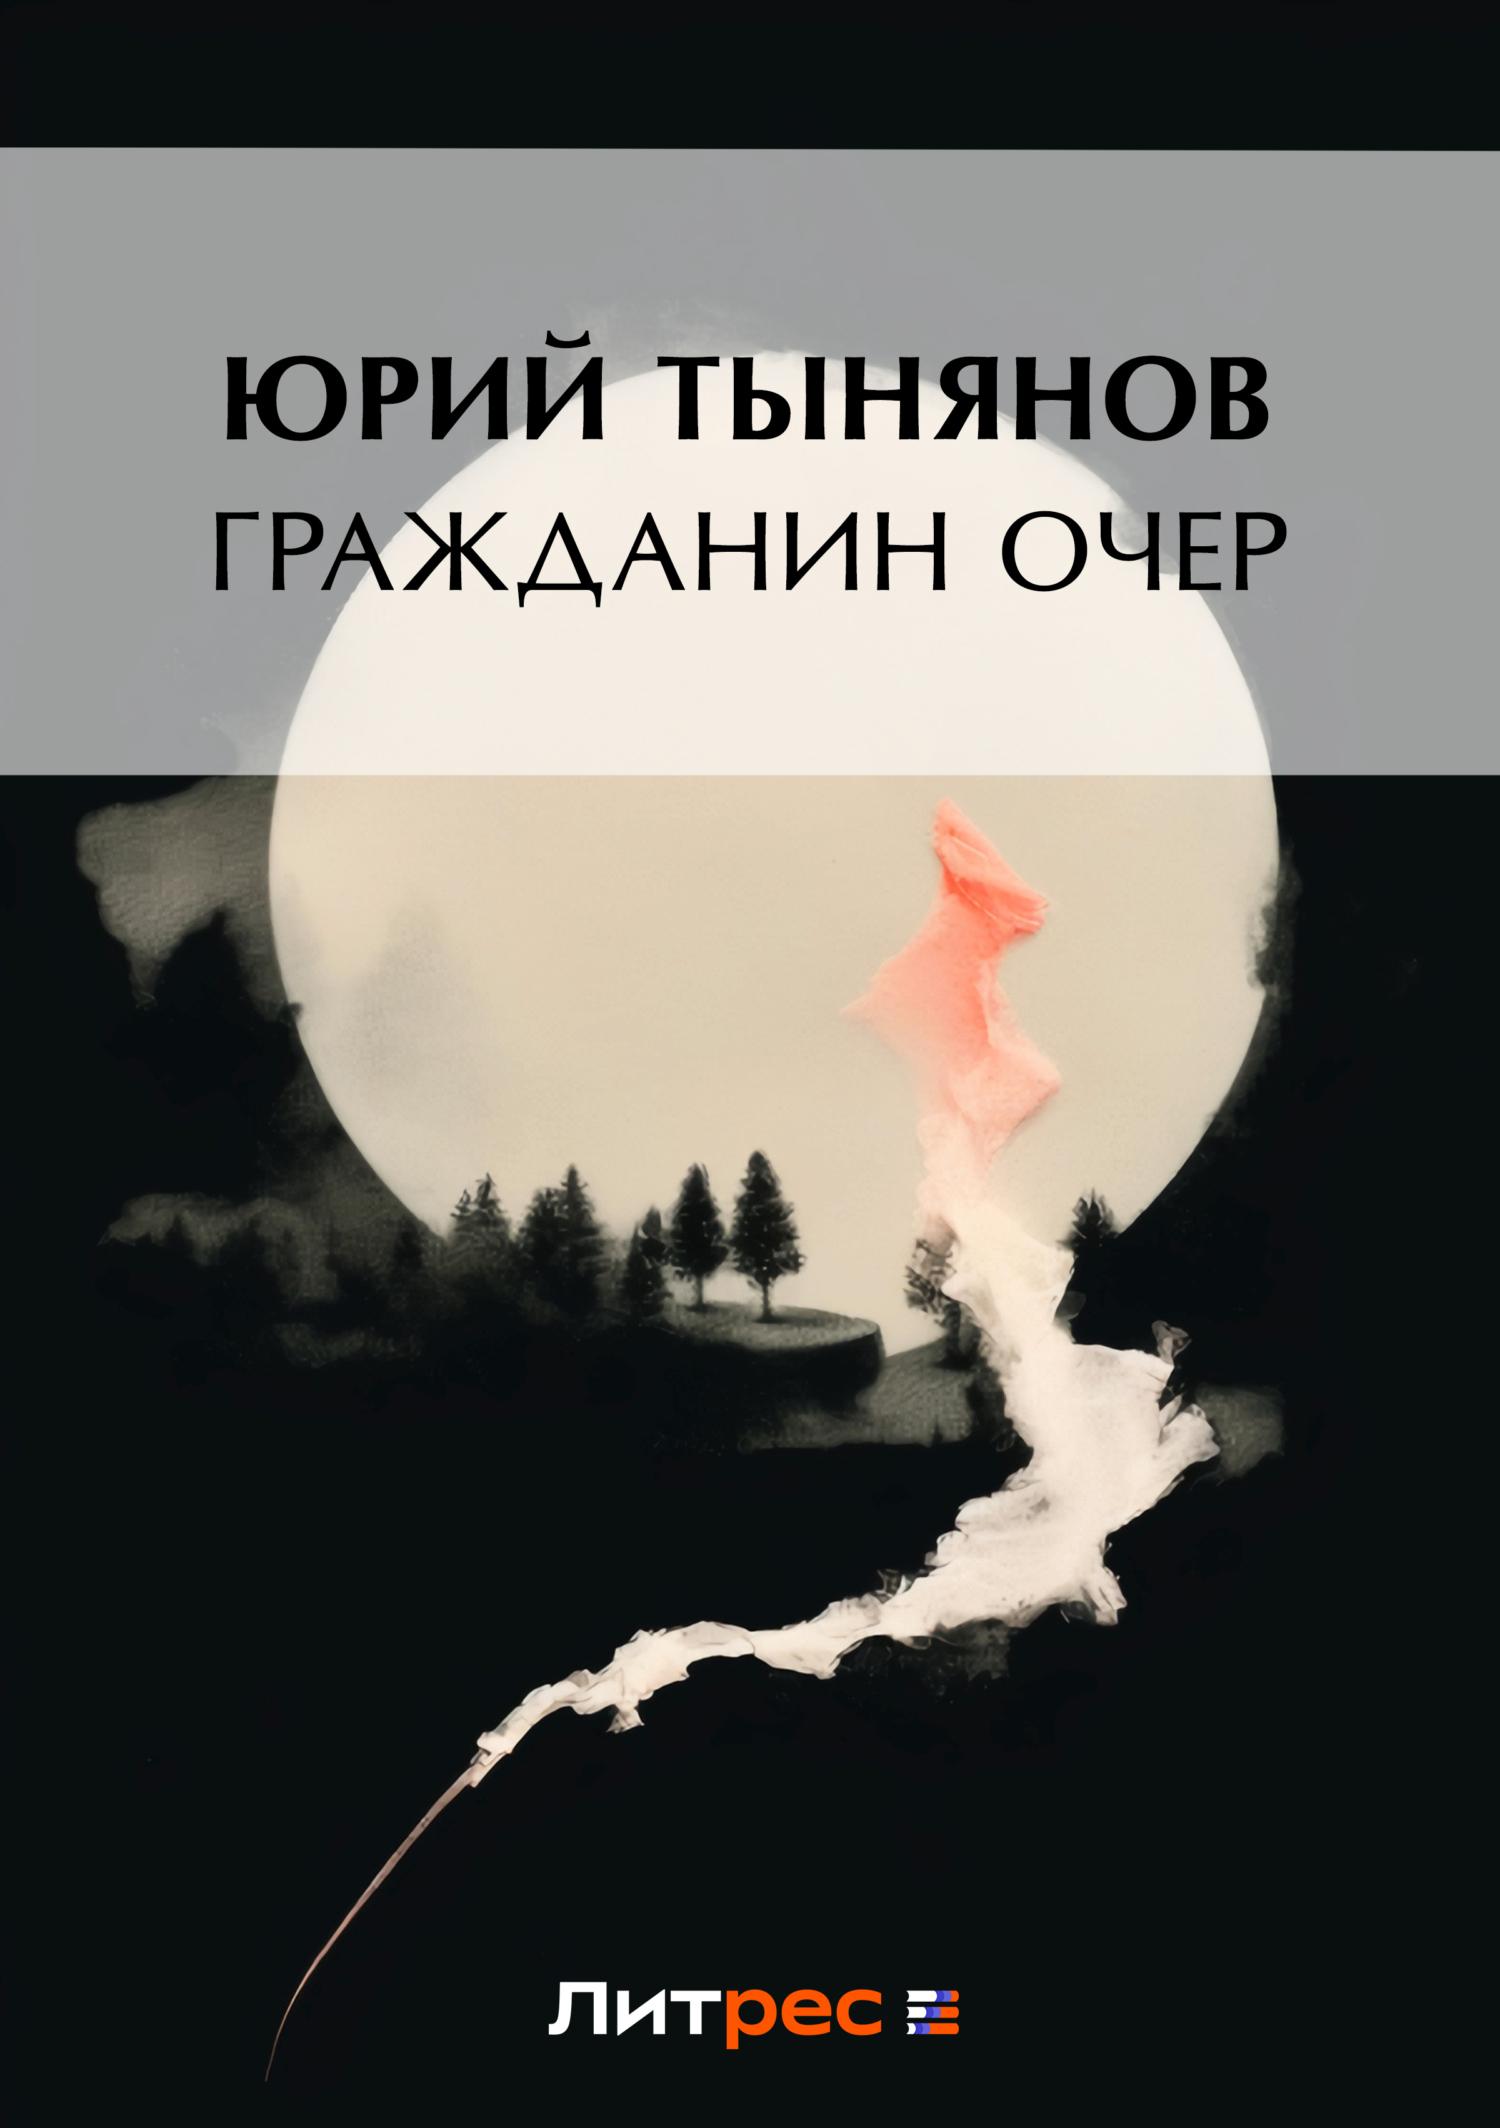 Юрий Тынянов Гражданин Очер валентин пикуль граф попо – гражданин очер